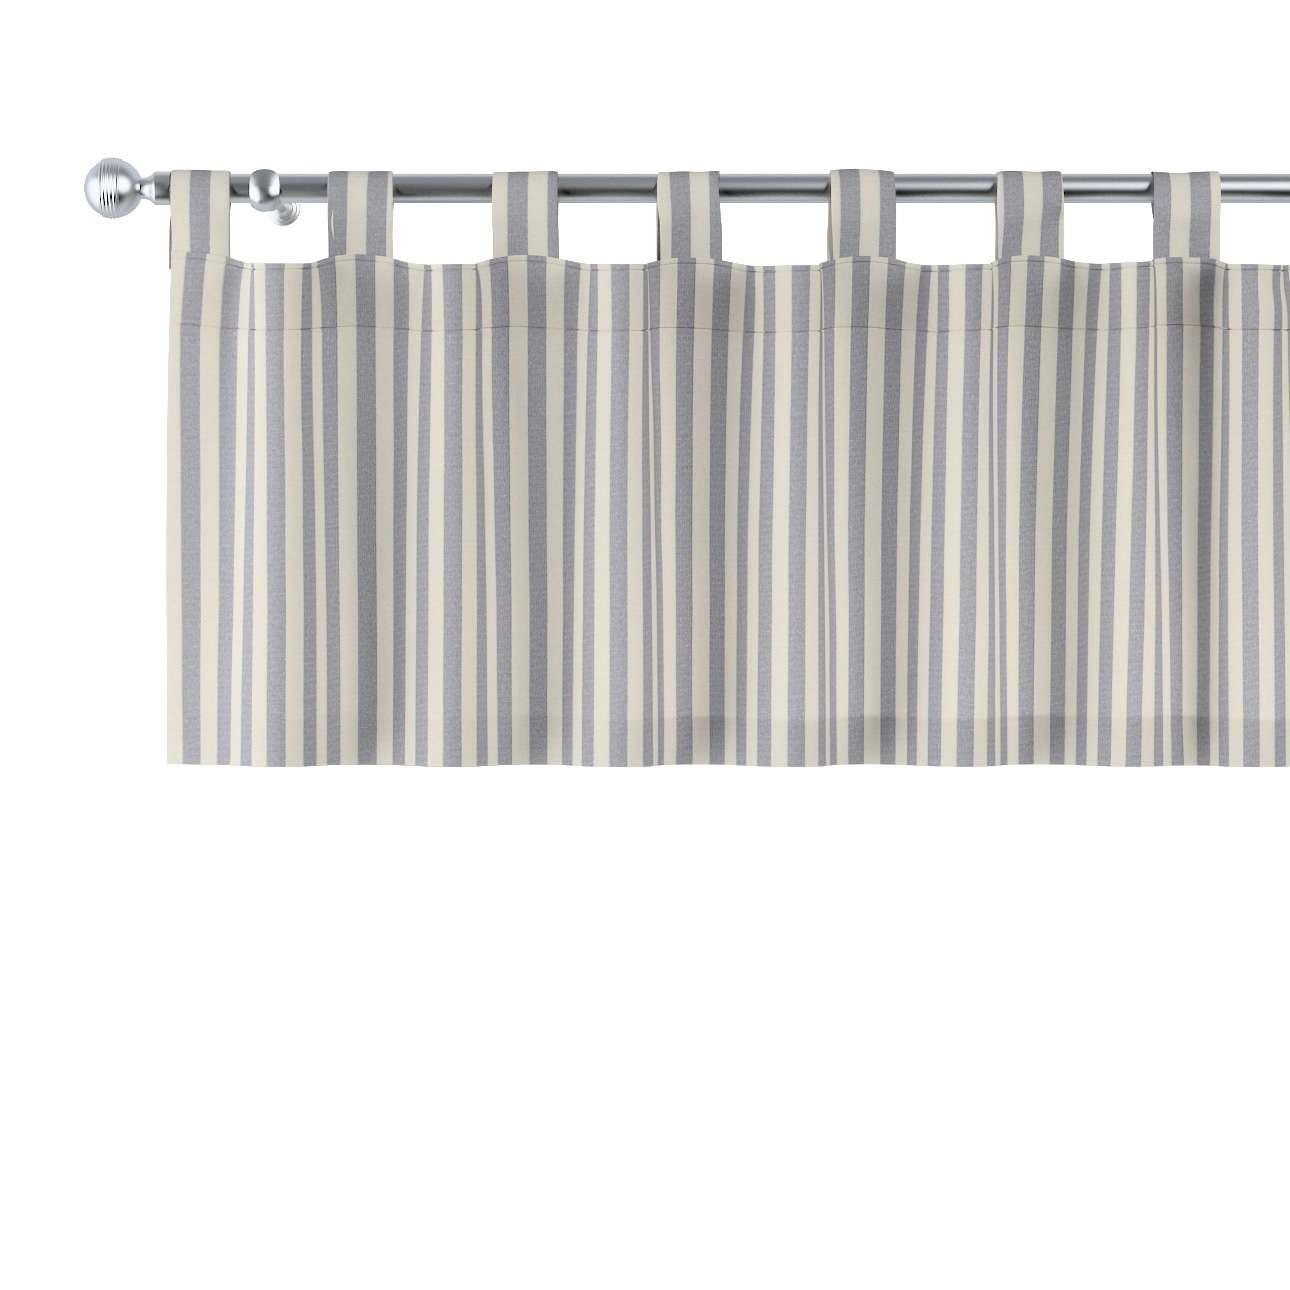 Kurzgardine mit Schlaufen 130x40cm von der Kollektion Quadro, Stoff: 136-02